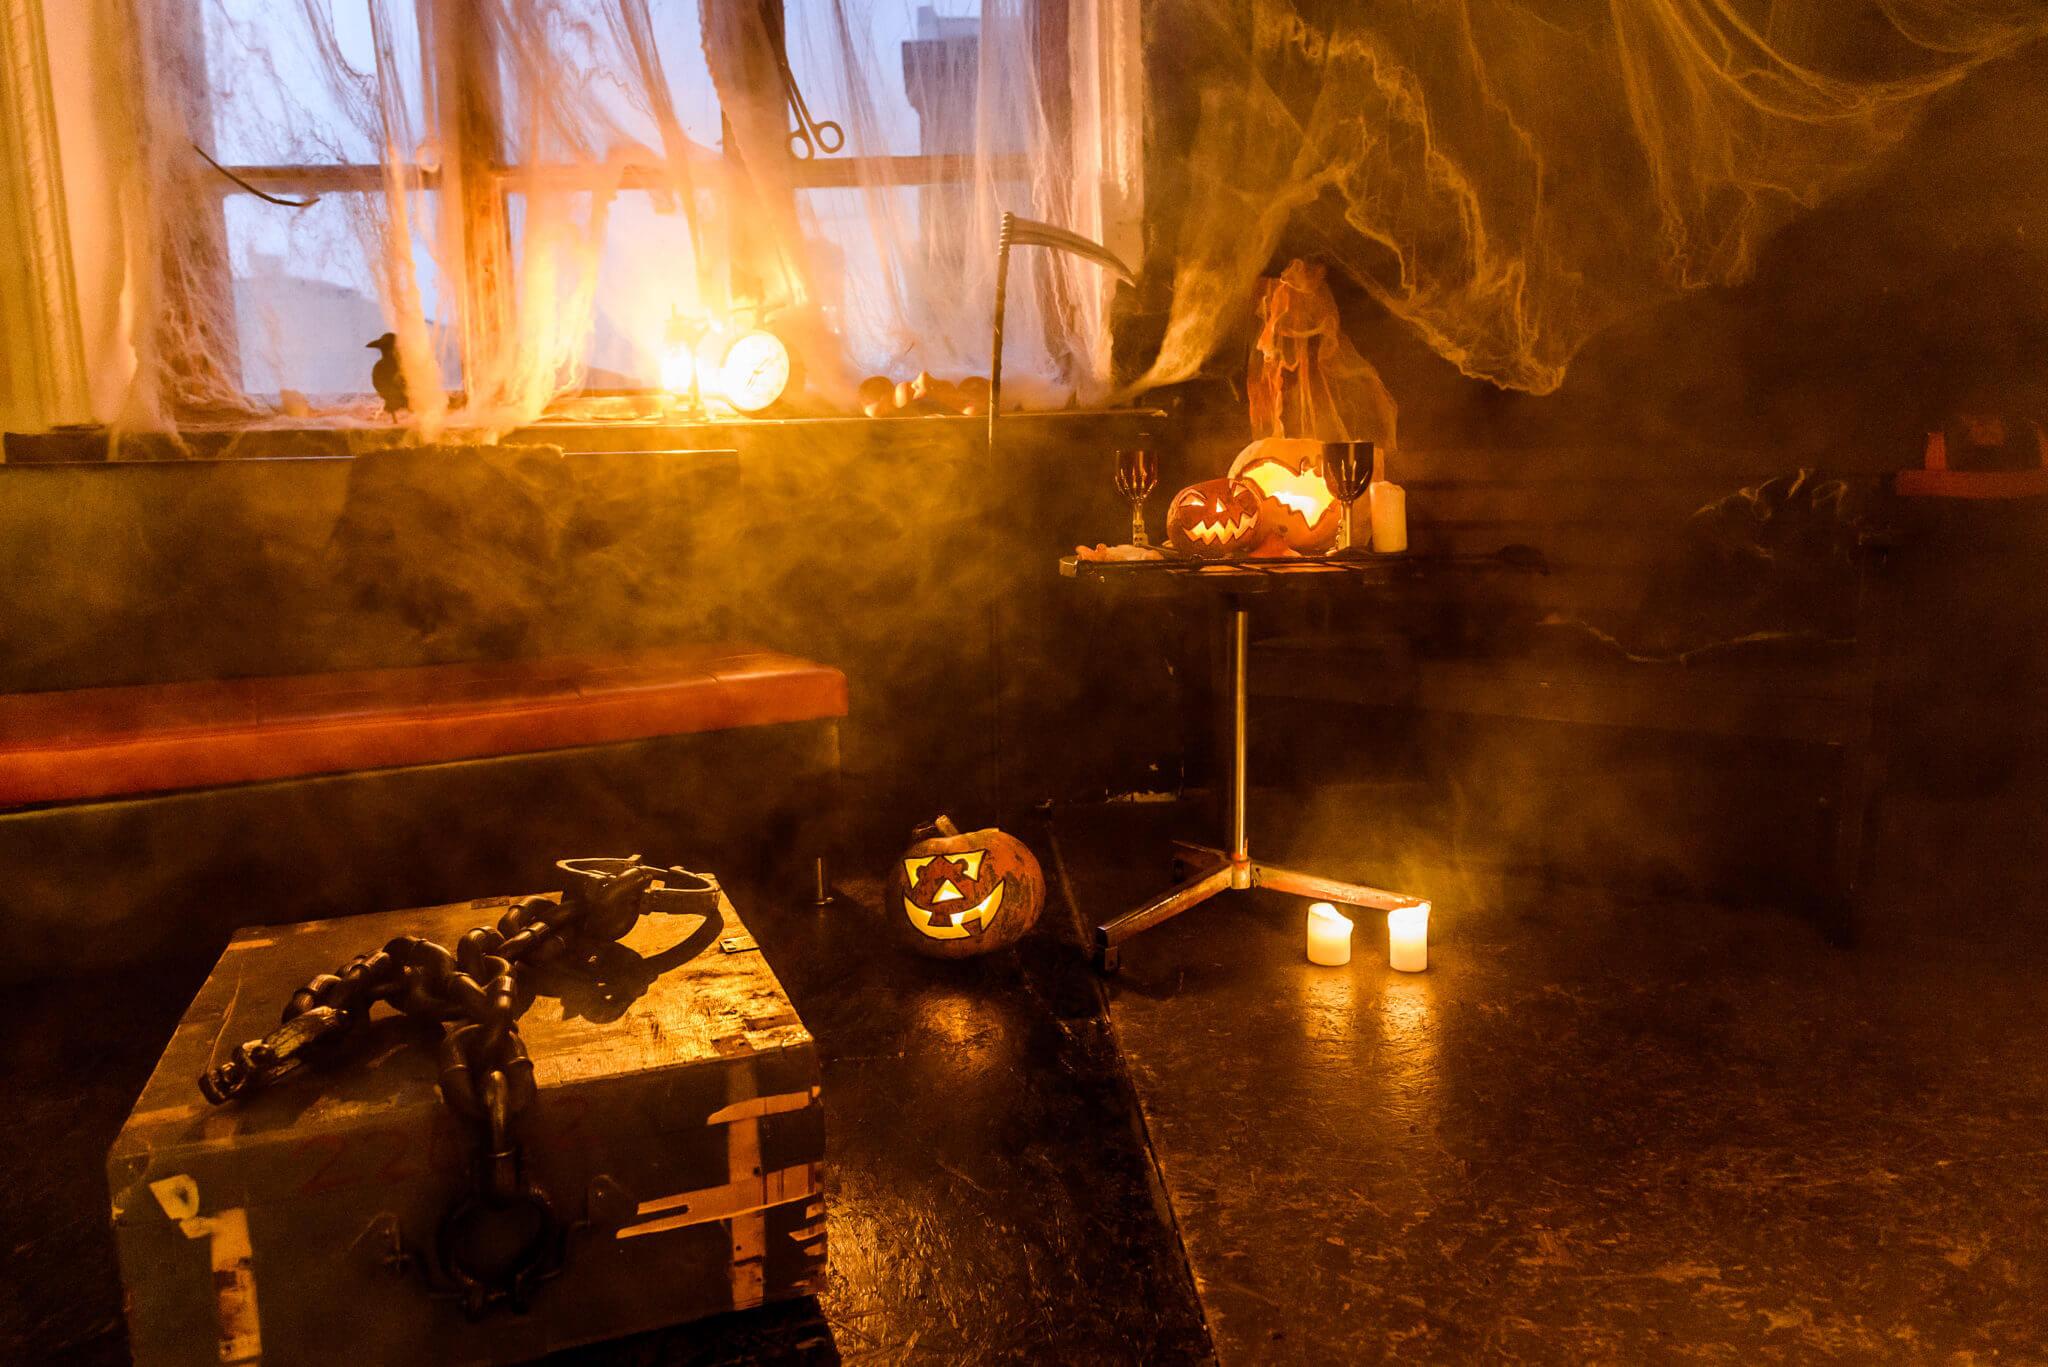 Малый зал с тематической локацией Хэллоуин, ph Постникова Алиса